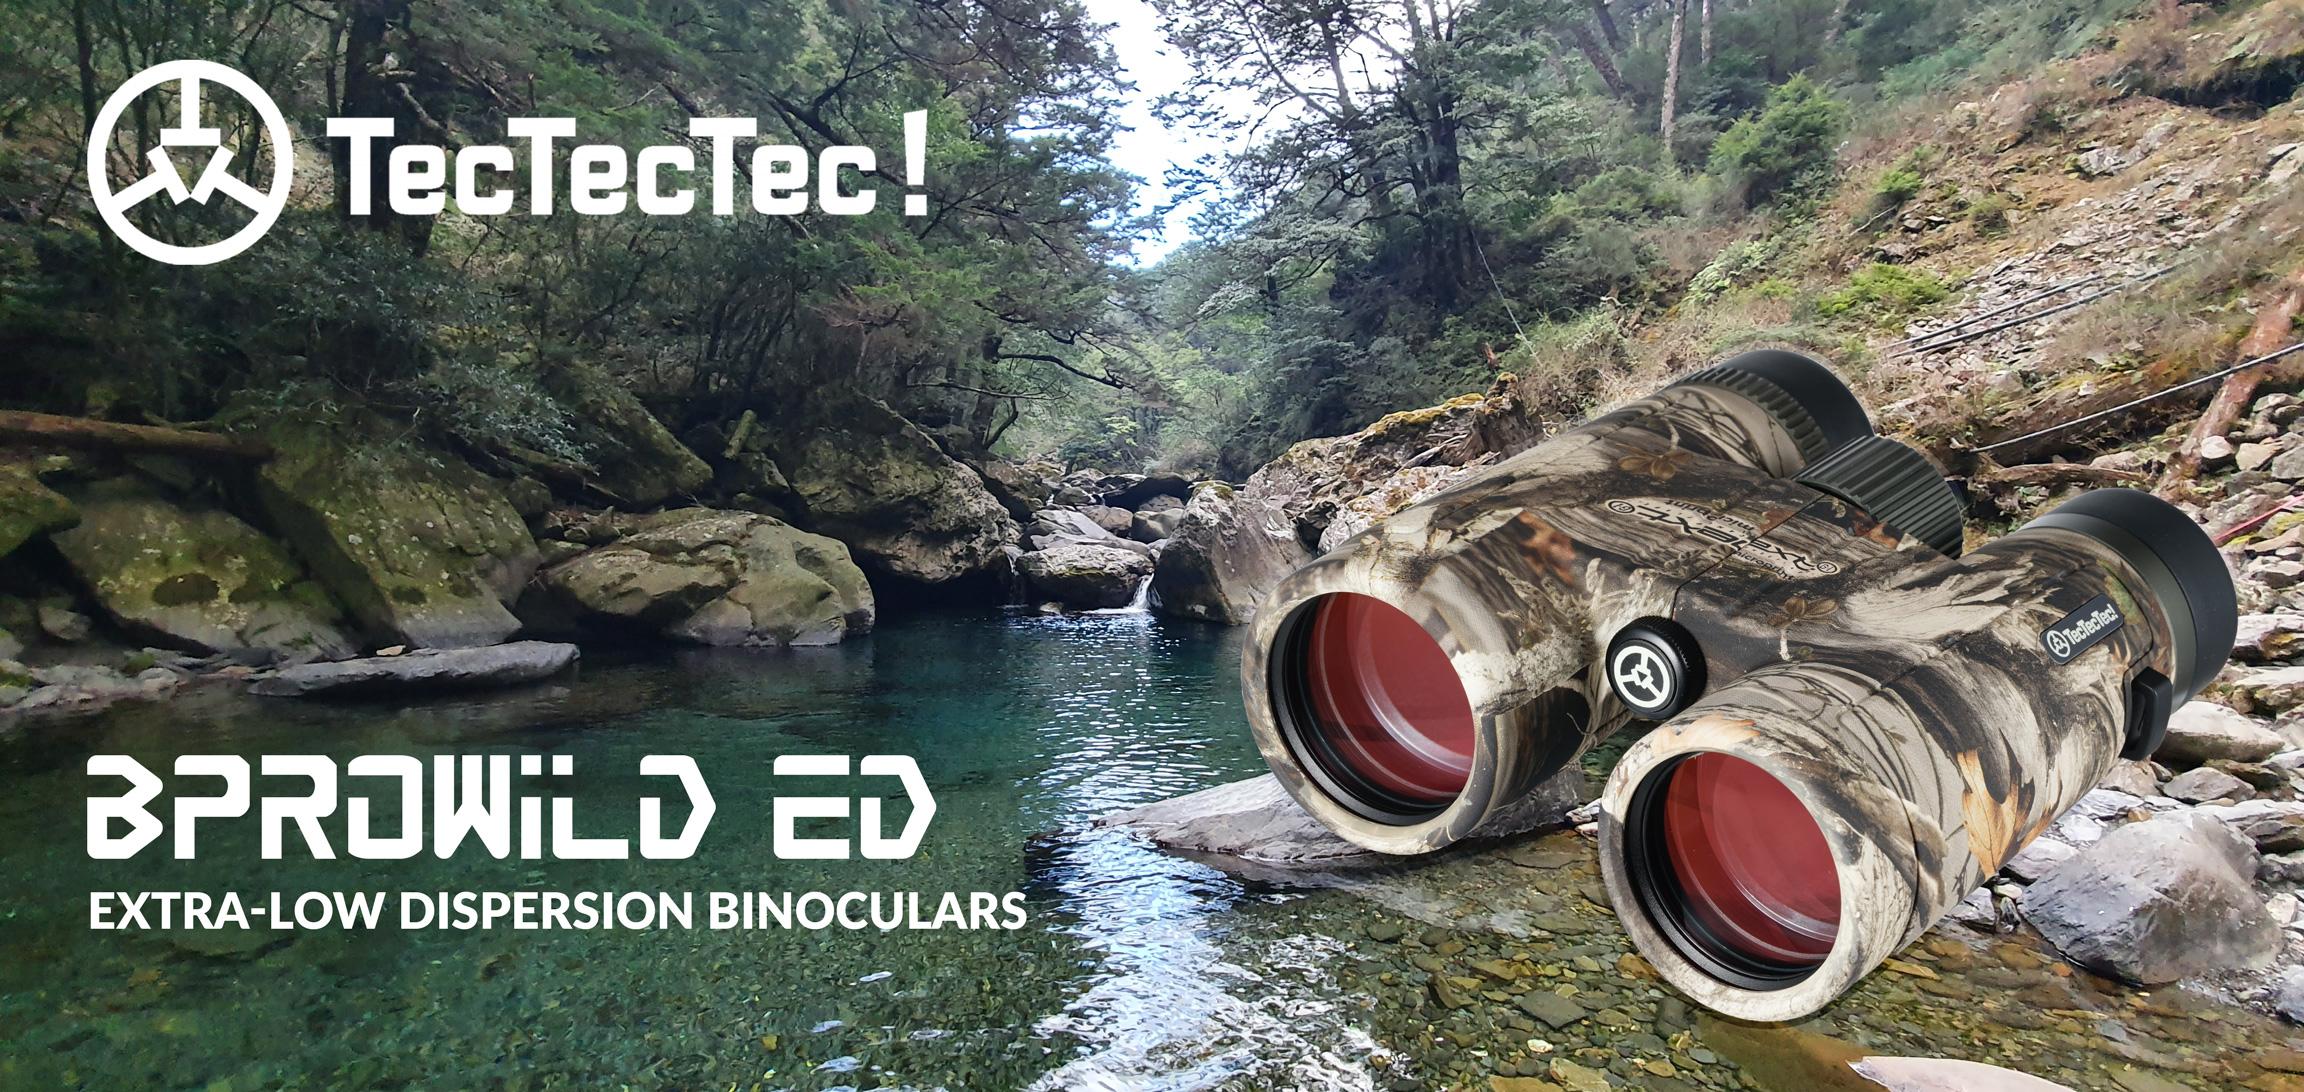 BPROWILD ED CAMO presentation river